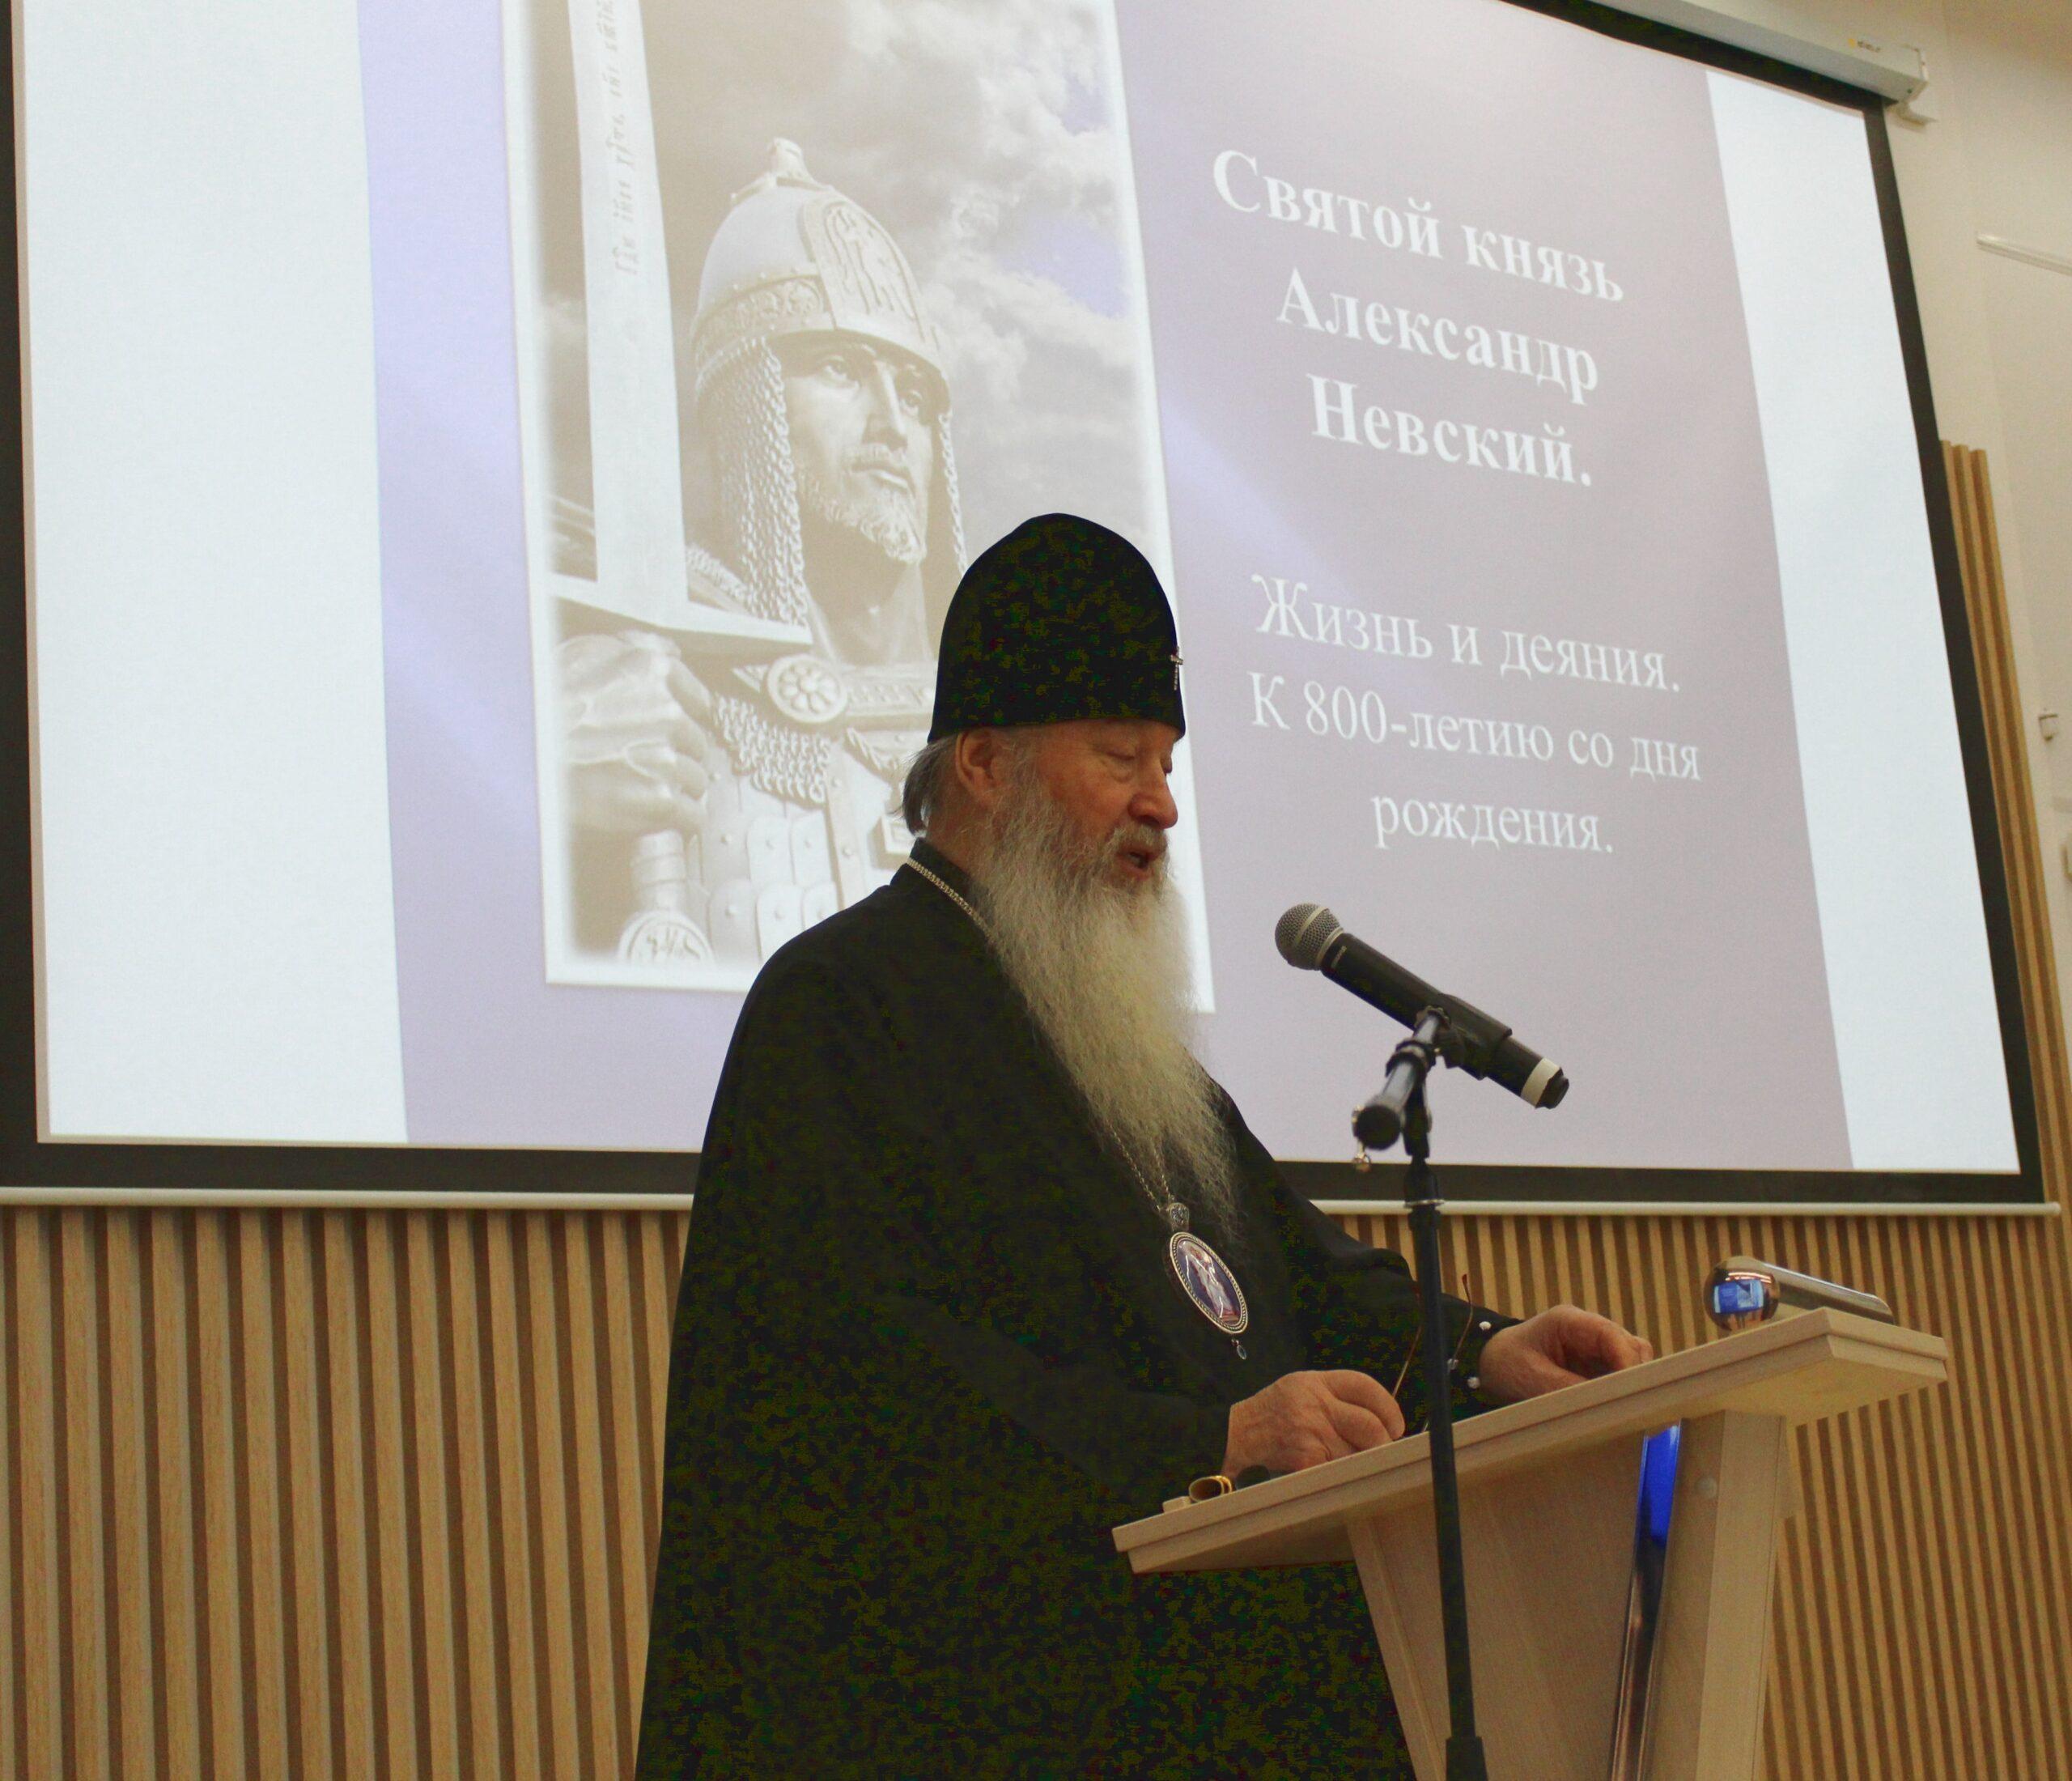 Митрополит Тихон выступает с докладом о деяниях Александра Невского